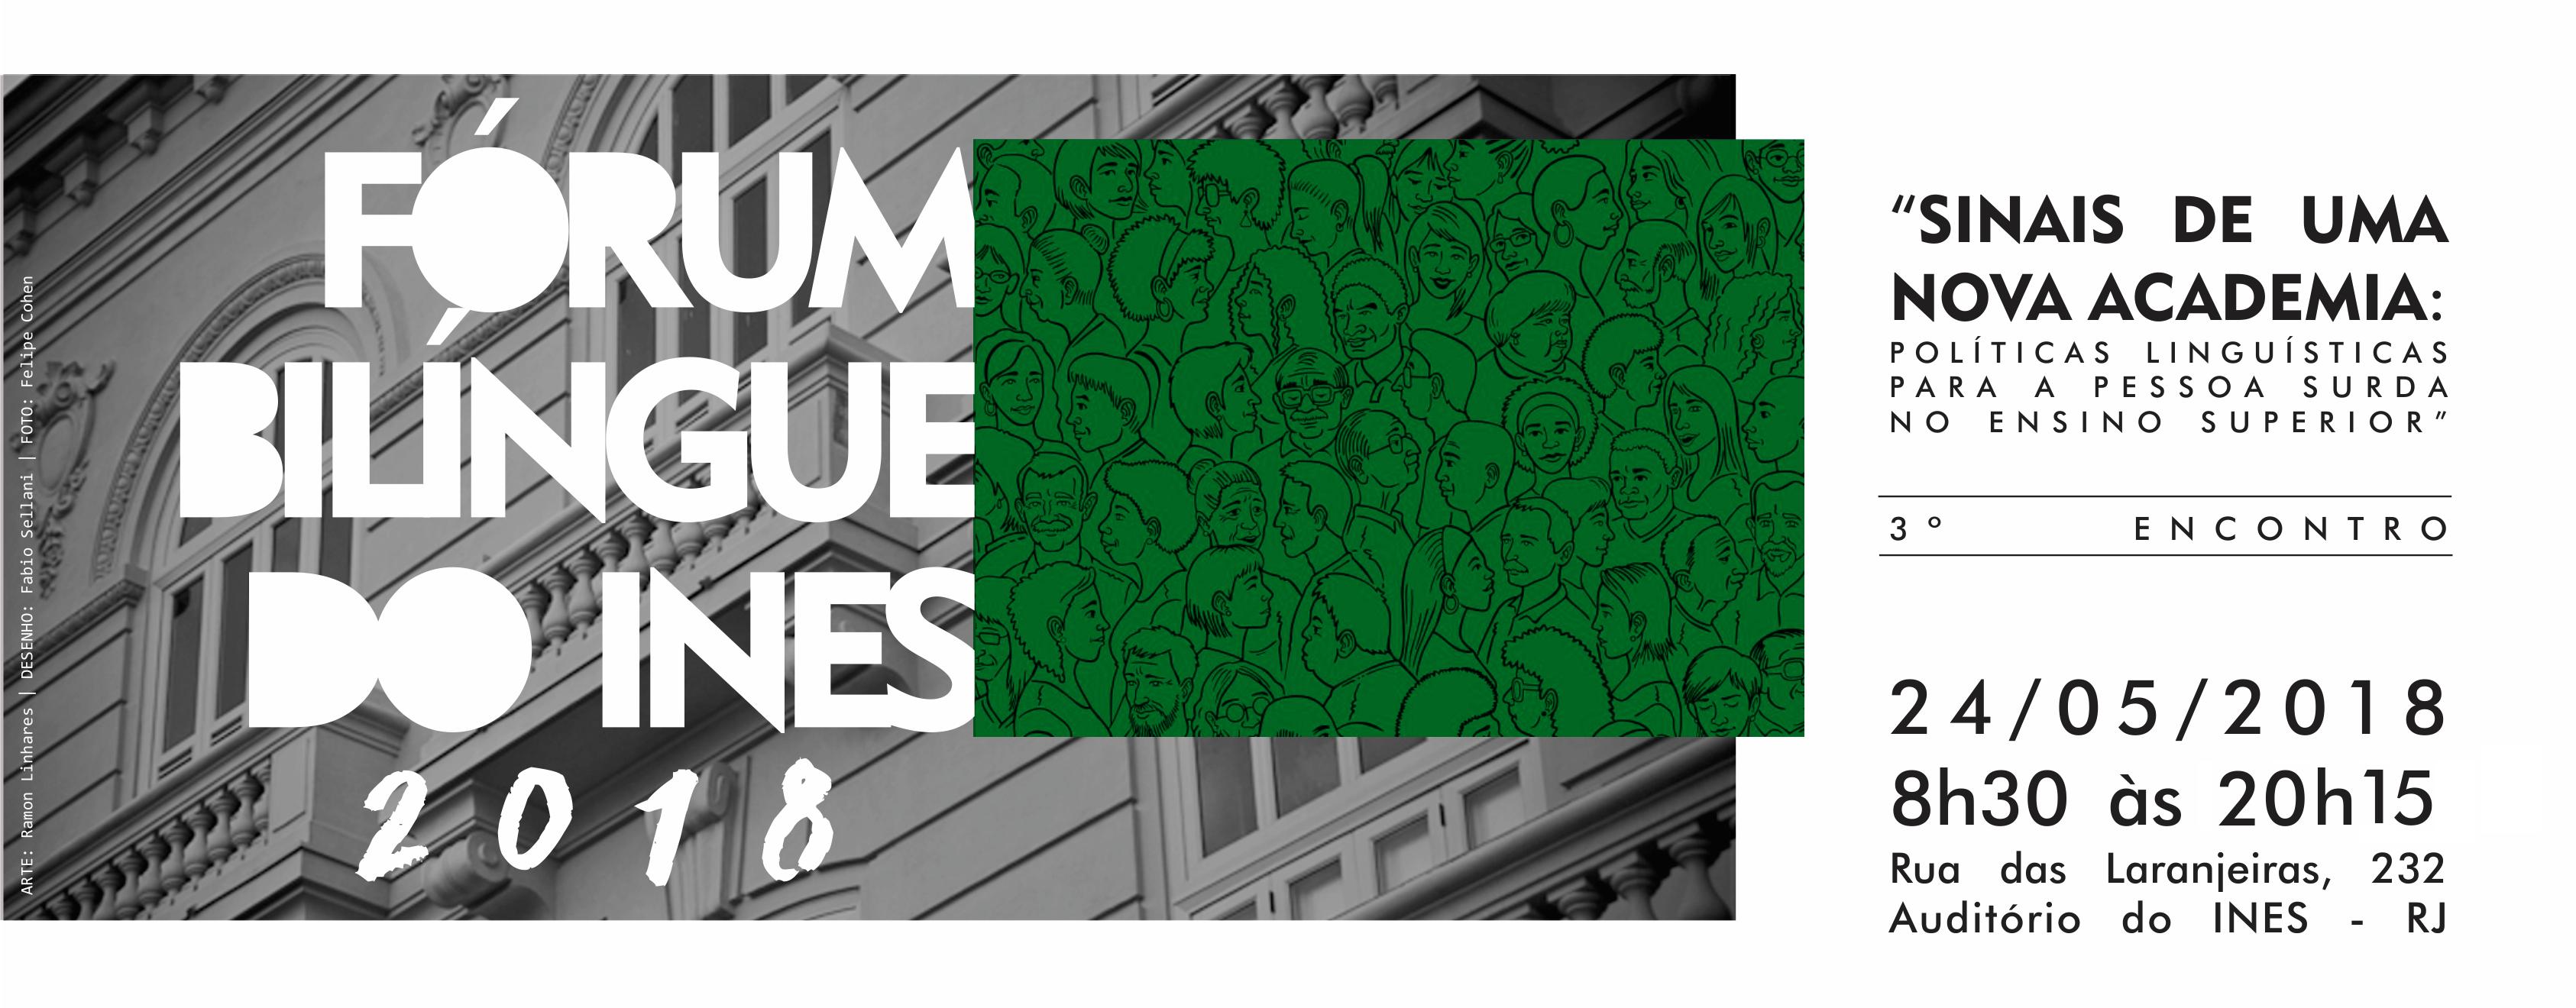 Próximo Fórum Bilíngue discutirá políticas linguísticas no ensino superior no dia 24 de maio; inscreva-se